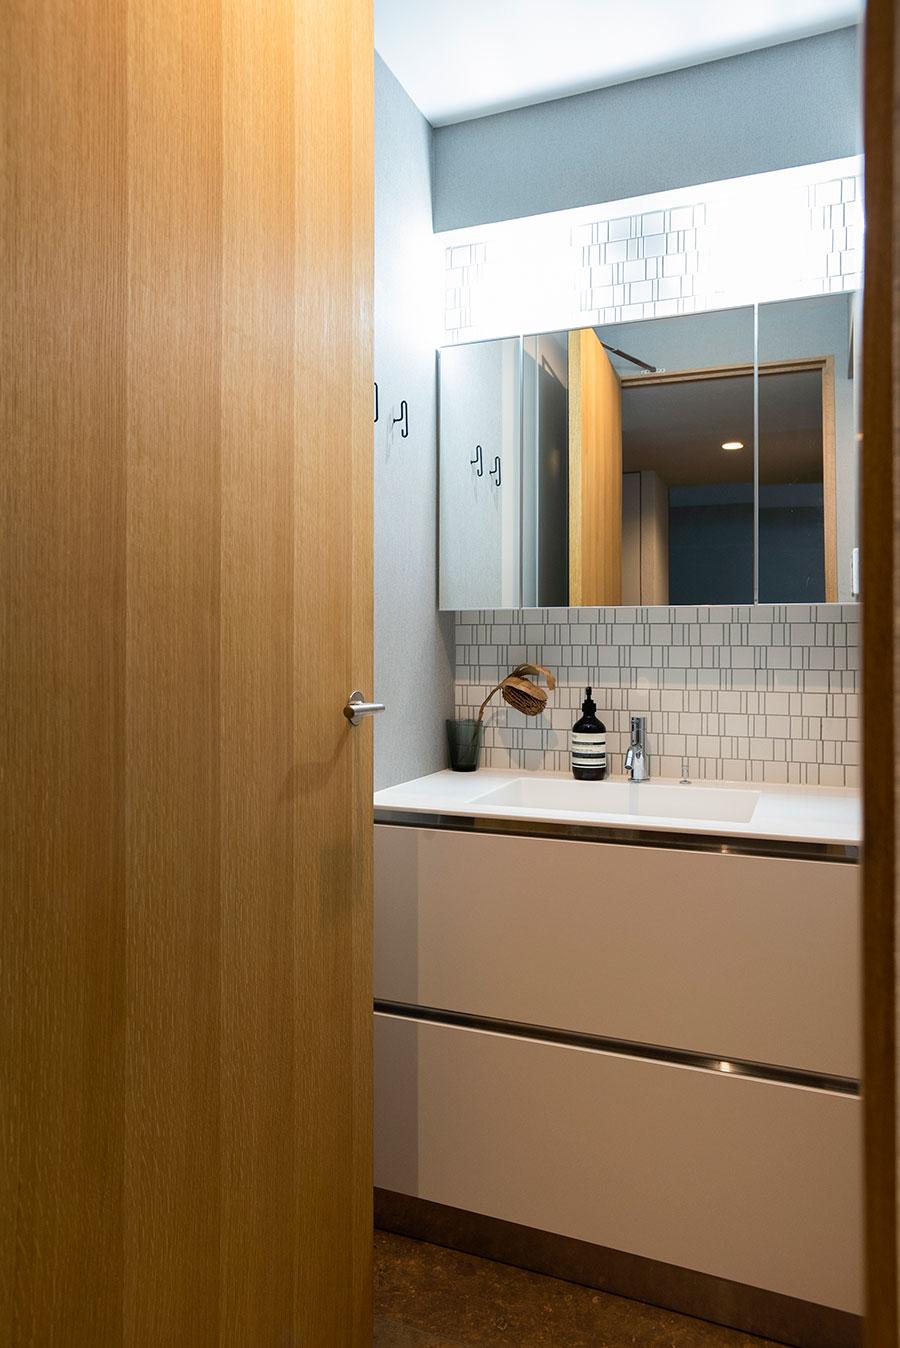 タイルの貼り方が印象的な、清潔なサニタリー。洗面台はサンワカンパニー。